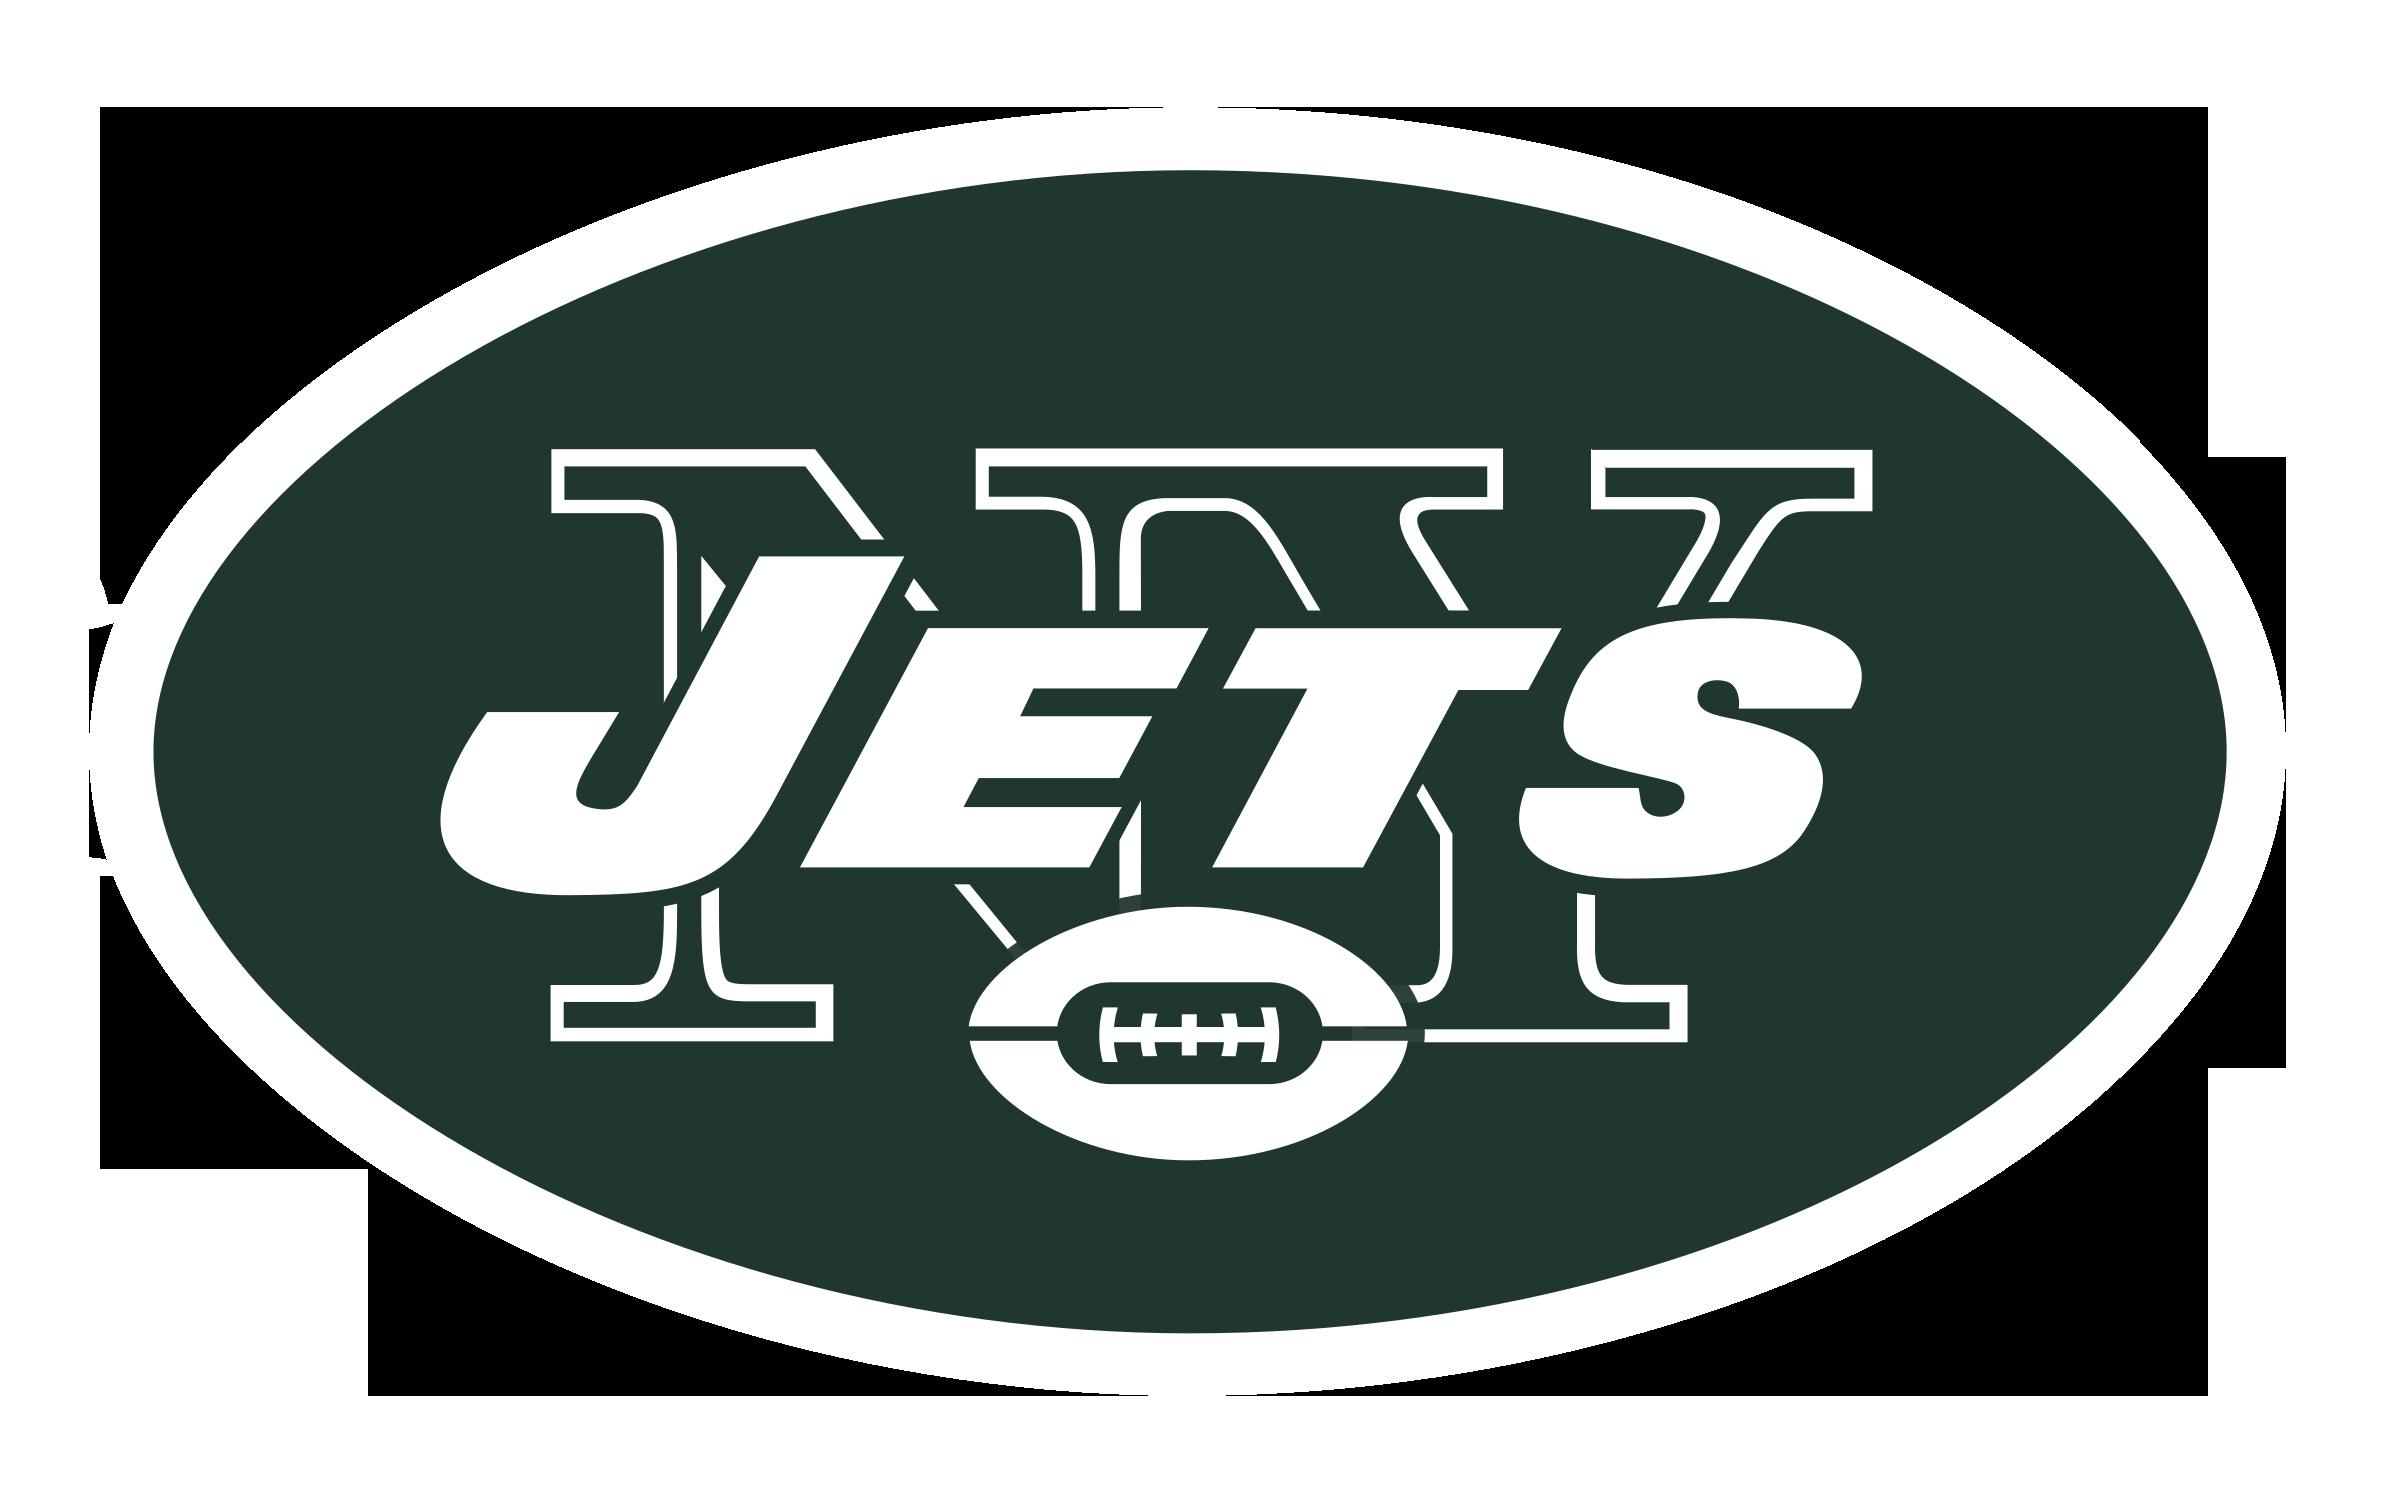 New York Jets Logo PNG Transparent & SVG Vector.